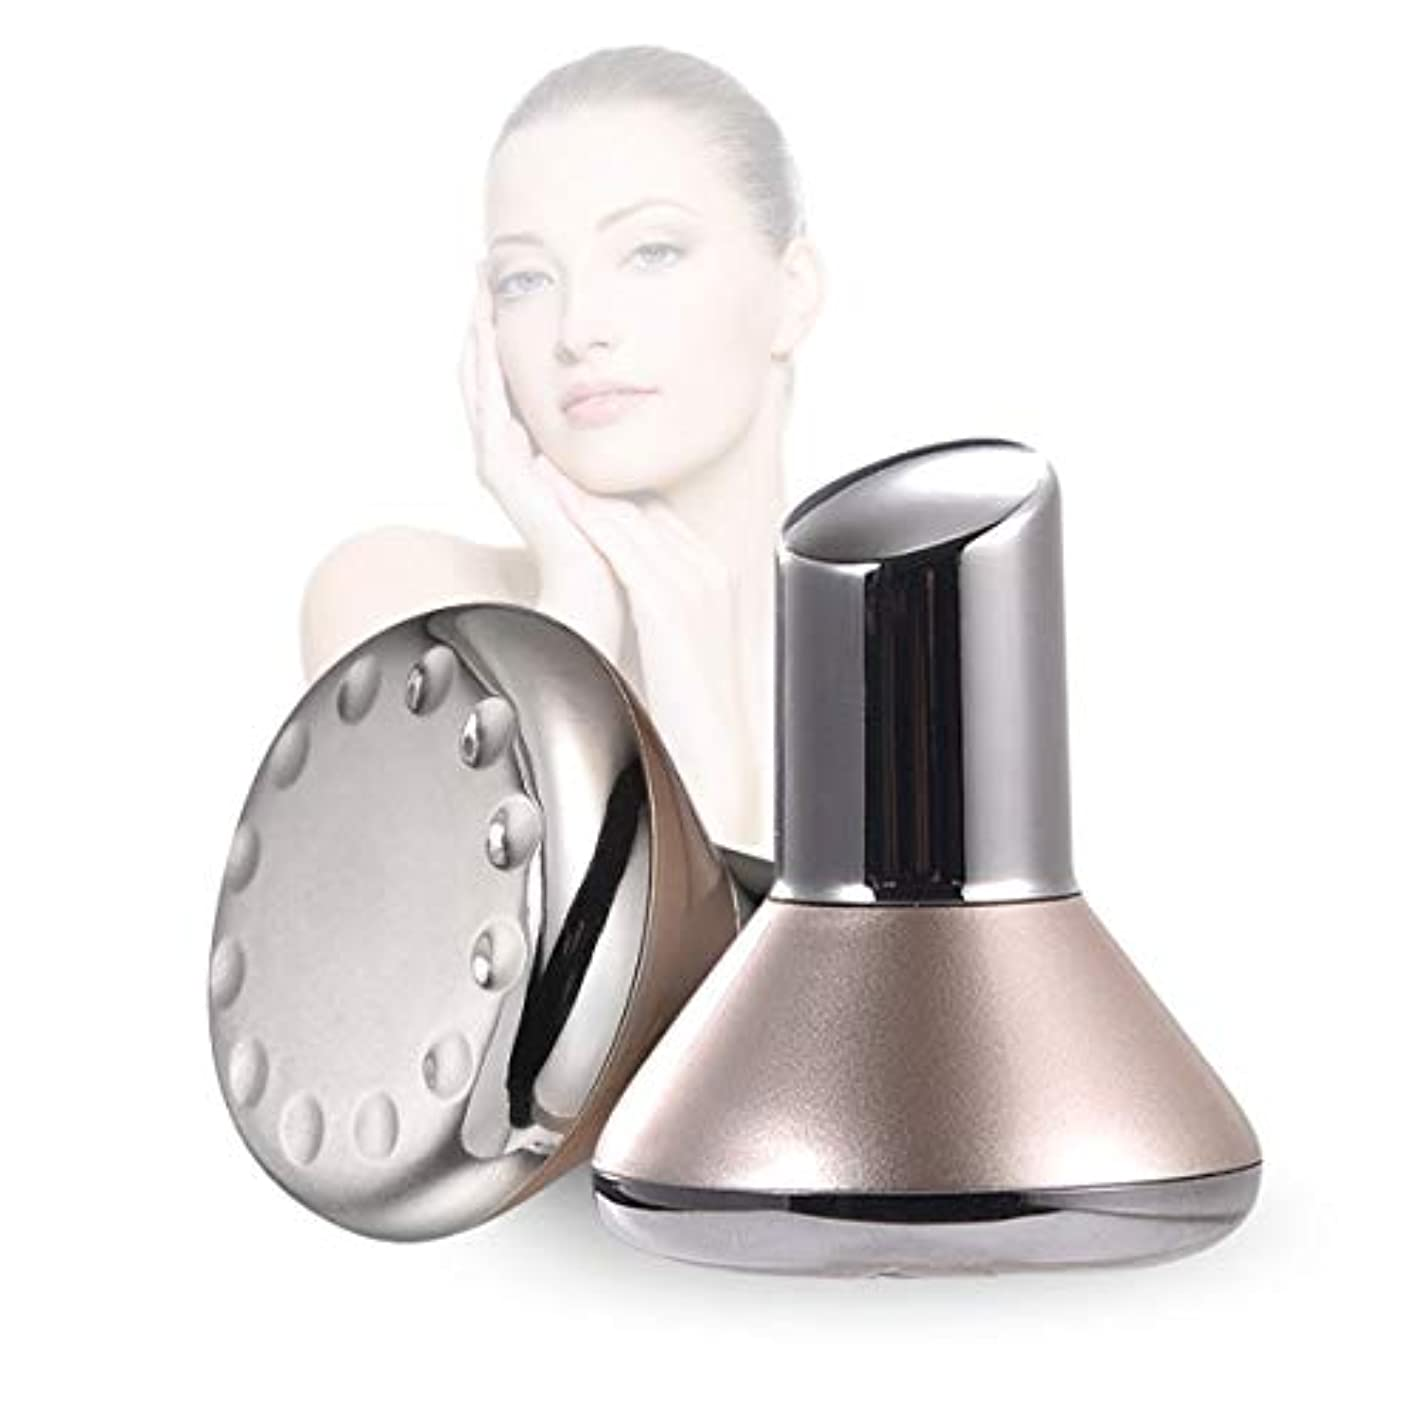 カッターコットン顔の顔のマッサージ、マイクロ磁気振動高周波が付いている携帯用顔機械 - しわを減らすイオン本質のクリーニングの器械